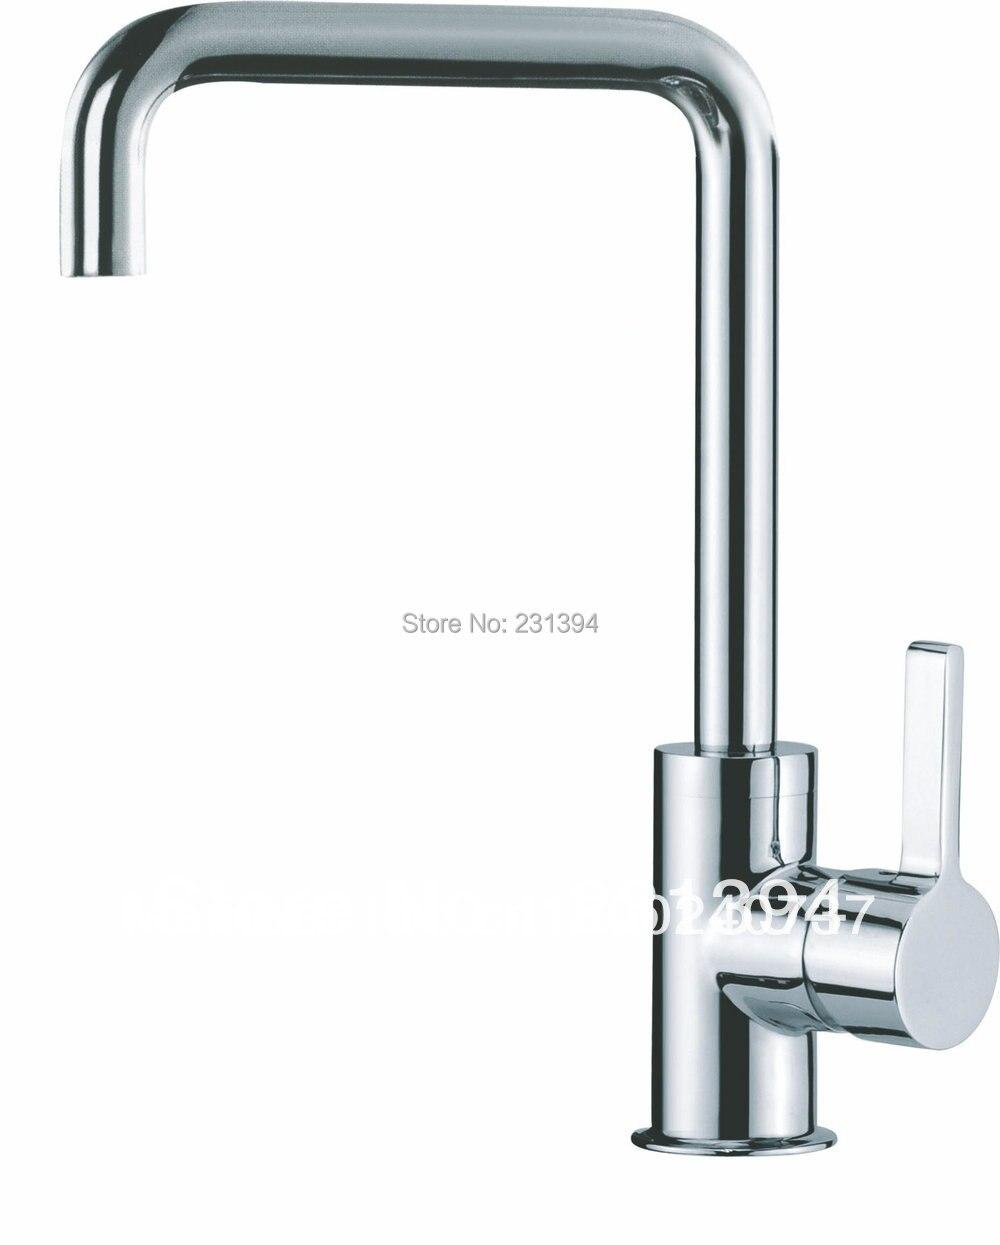 ms 3502 in ottone soild finitura cromata singola maniglia prezzo pfister rubinetto dell39